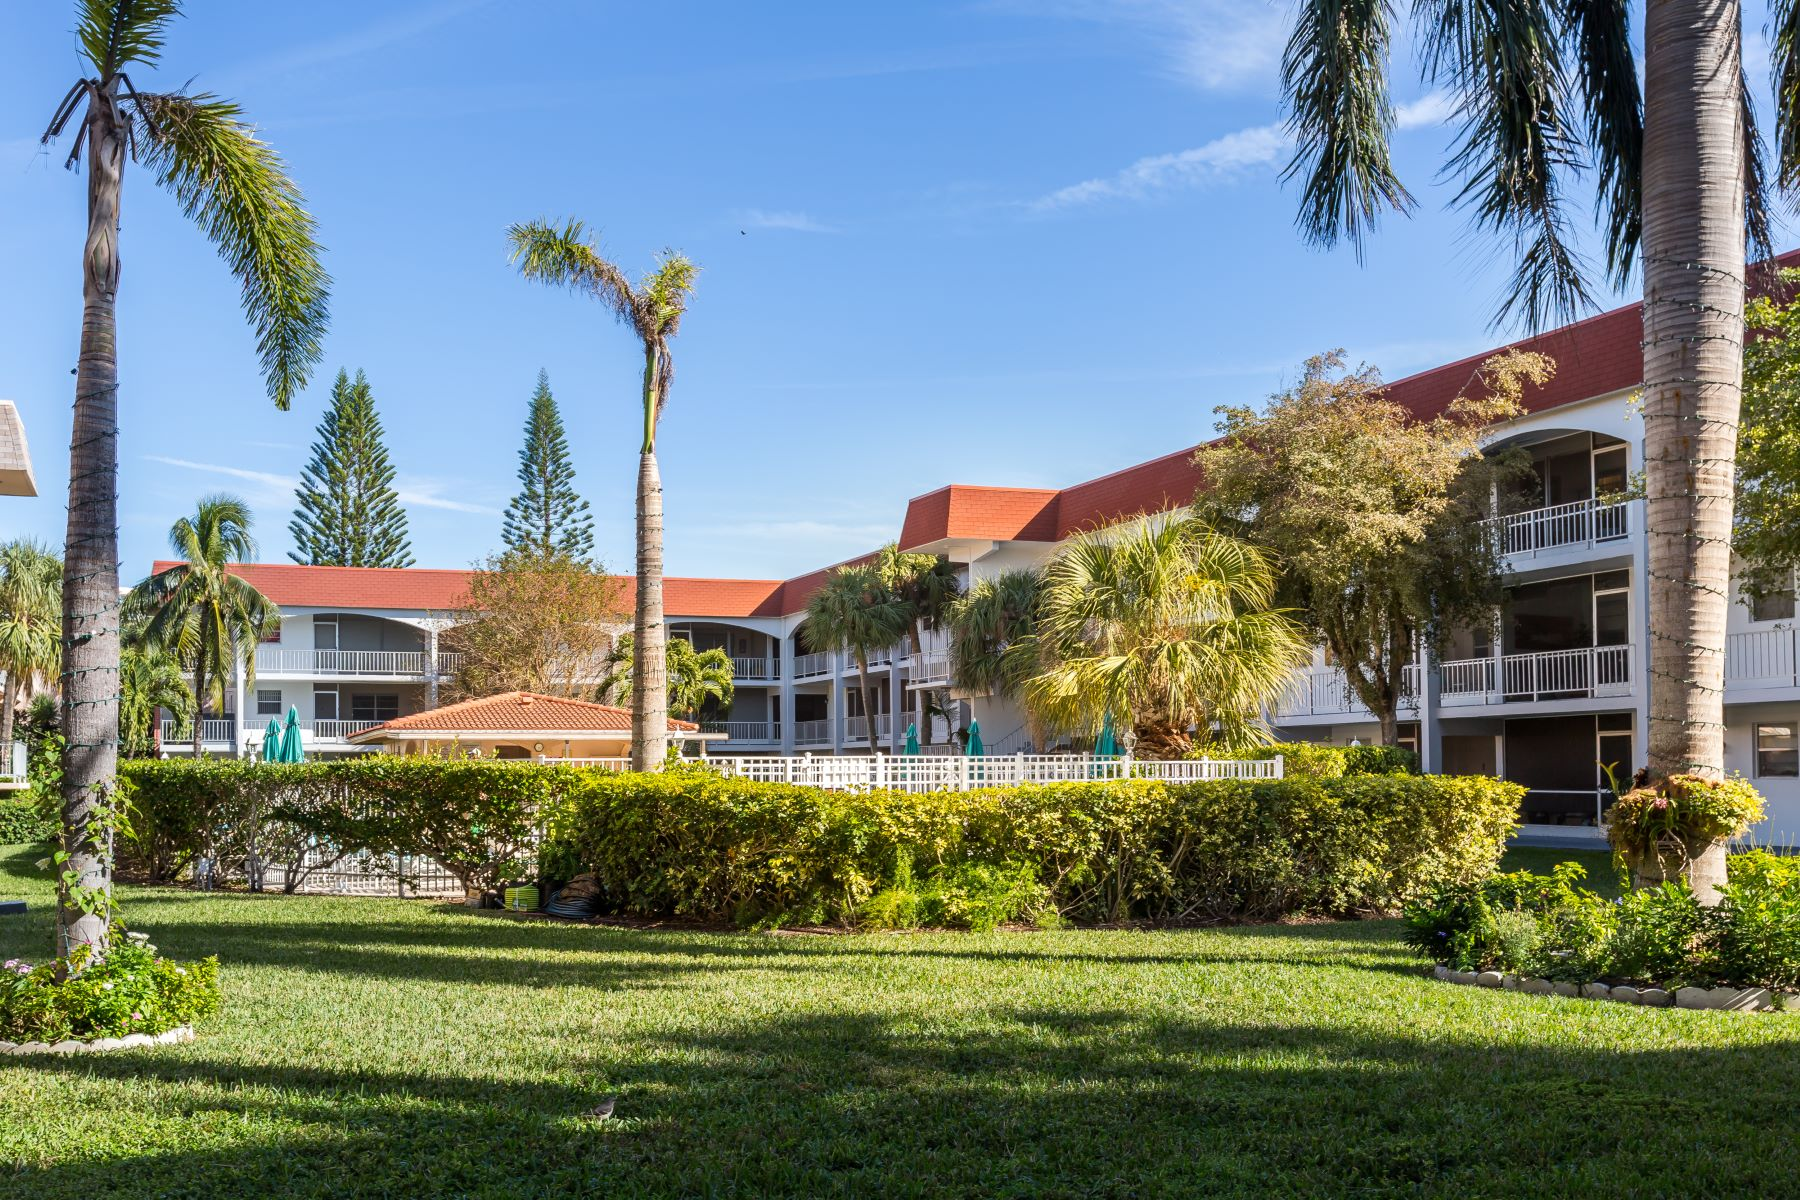 独户住宅 为 销售 在 581 Blue Heron Dr #106 581 Blue Heron Dr 106, 哈兰代尔, 佛罗里达州, 33009 美国